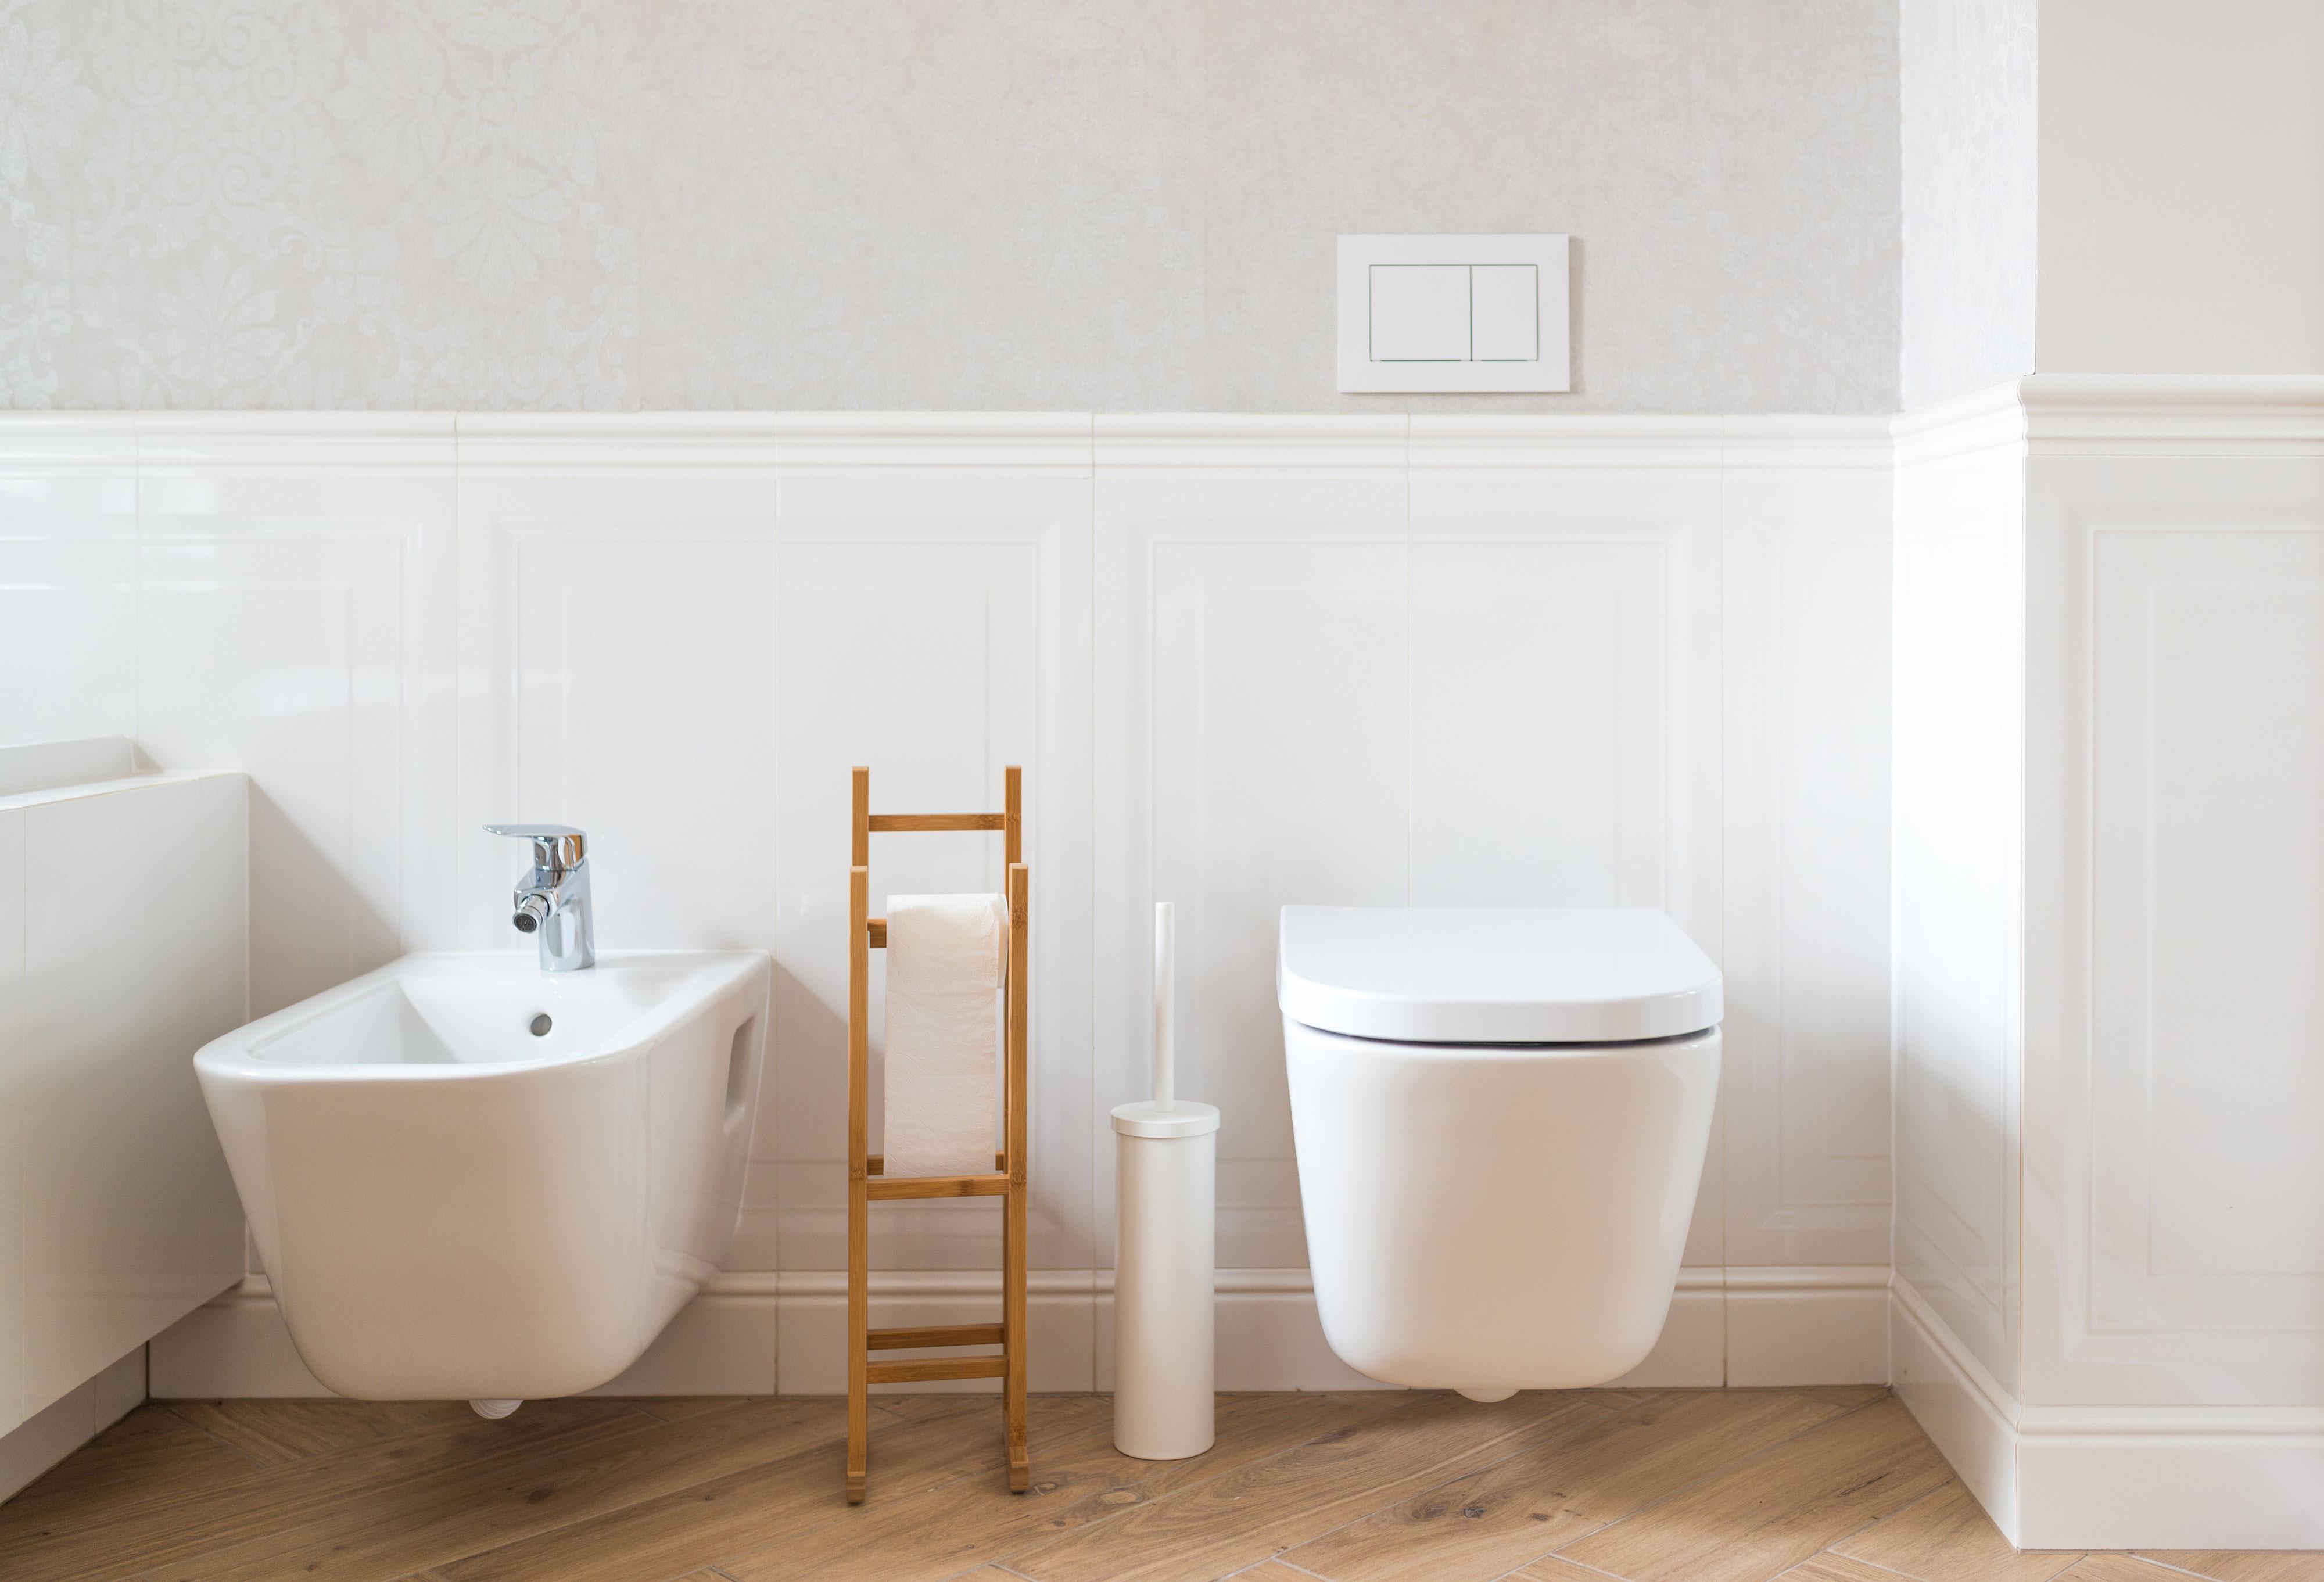 Bathroom, Bidet, Toilet, remodel